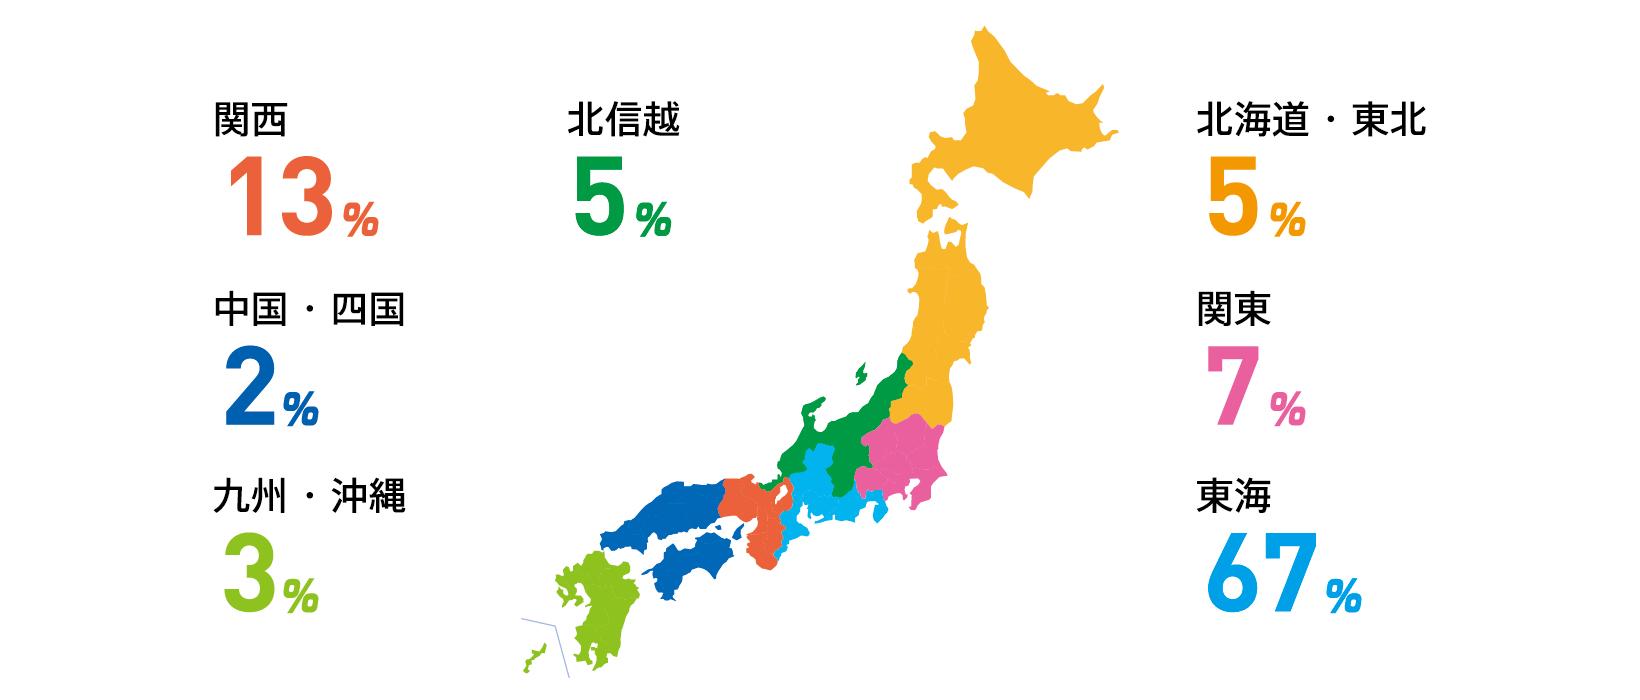 北海道5% 北信越5% 関東7% 東海67% 関西13% 中国・四国2% 九州・沖縄3%